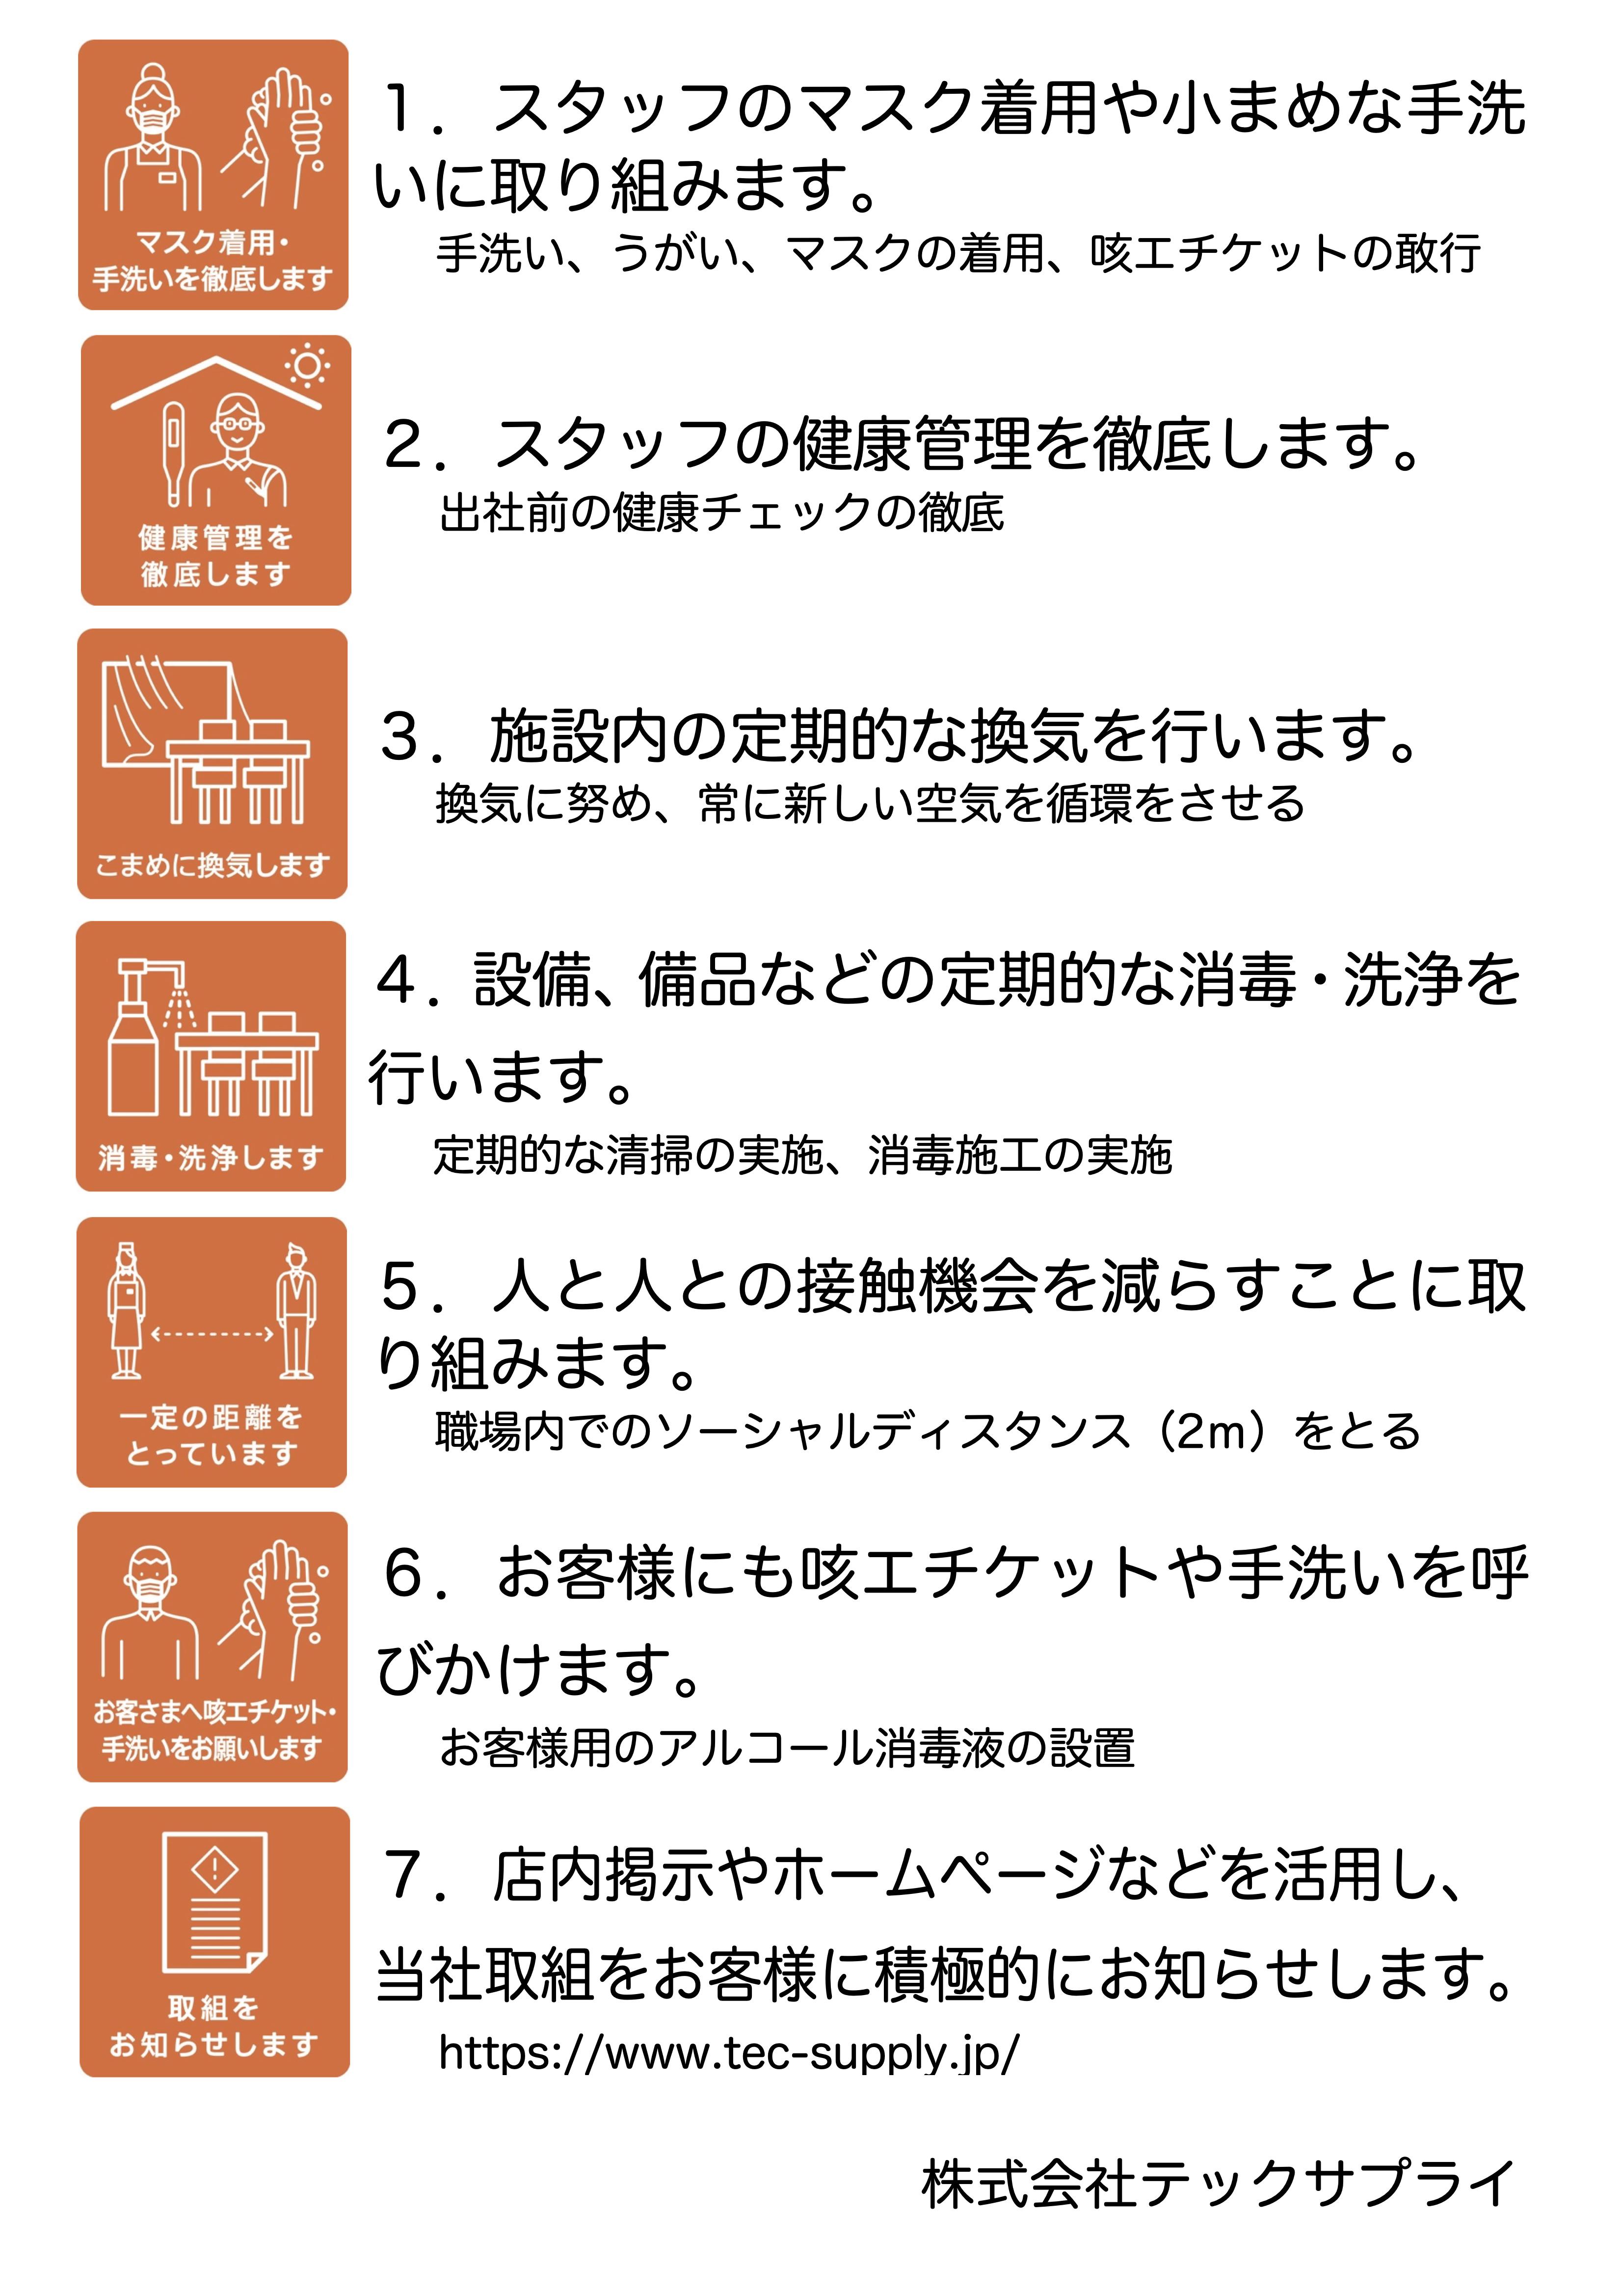 7つの習慣化